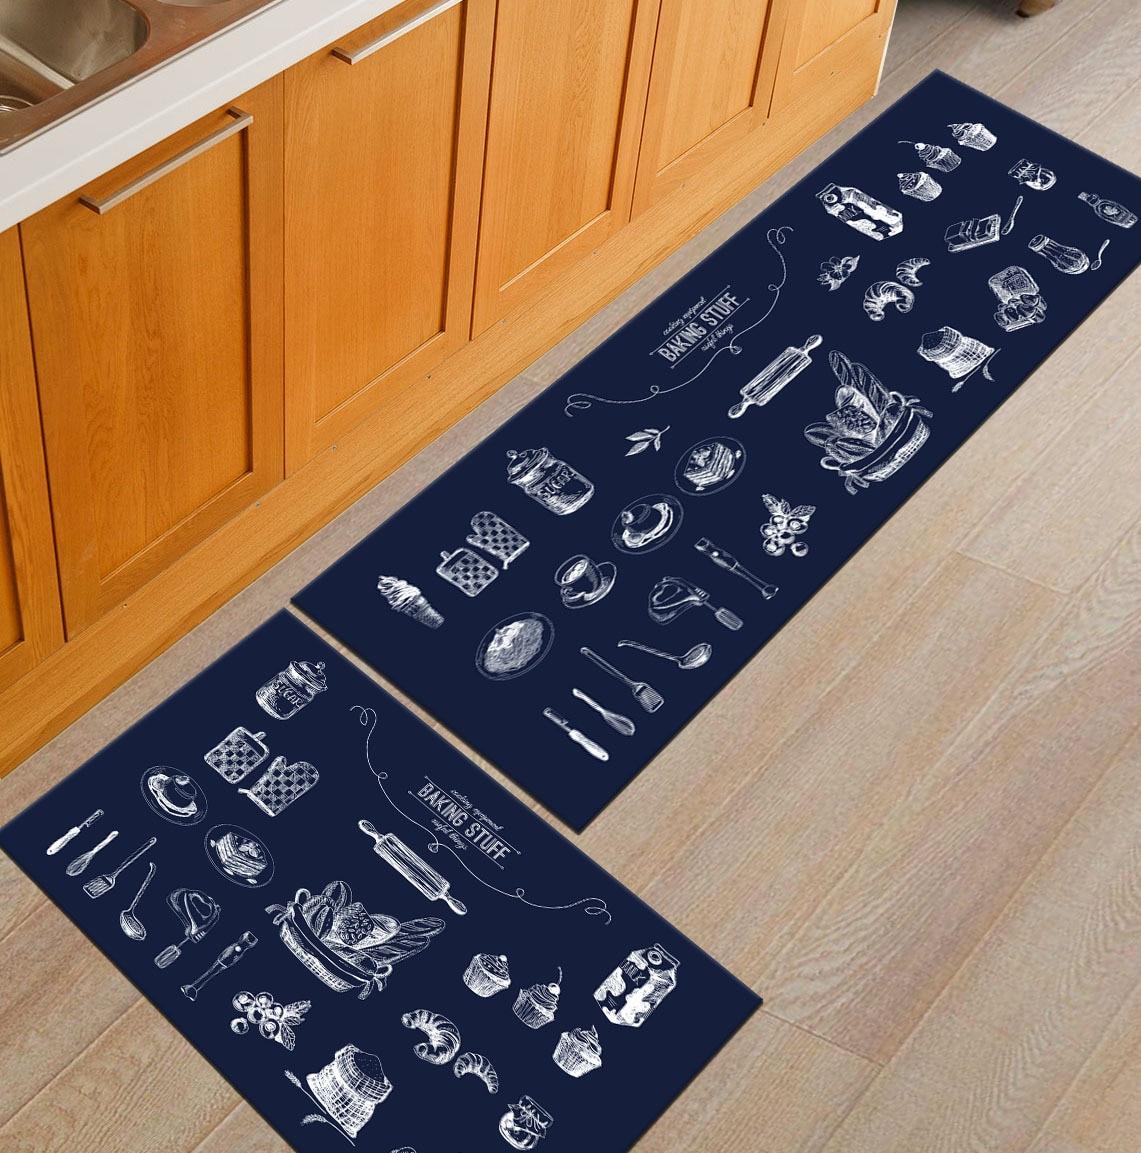 Современный геометрический Коврик для кухни, Противоскользящий коврик для ванной комнаты, домашний Коврик для прихожей/прихожей, коврик для шкафа/балкона, креативный ковер - Цвет: 11